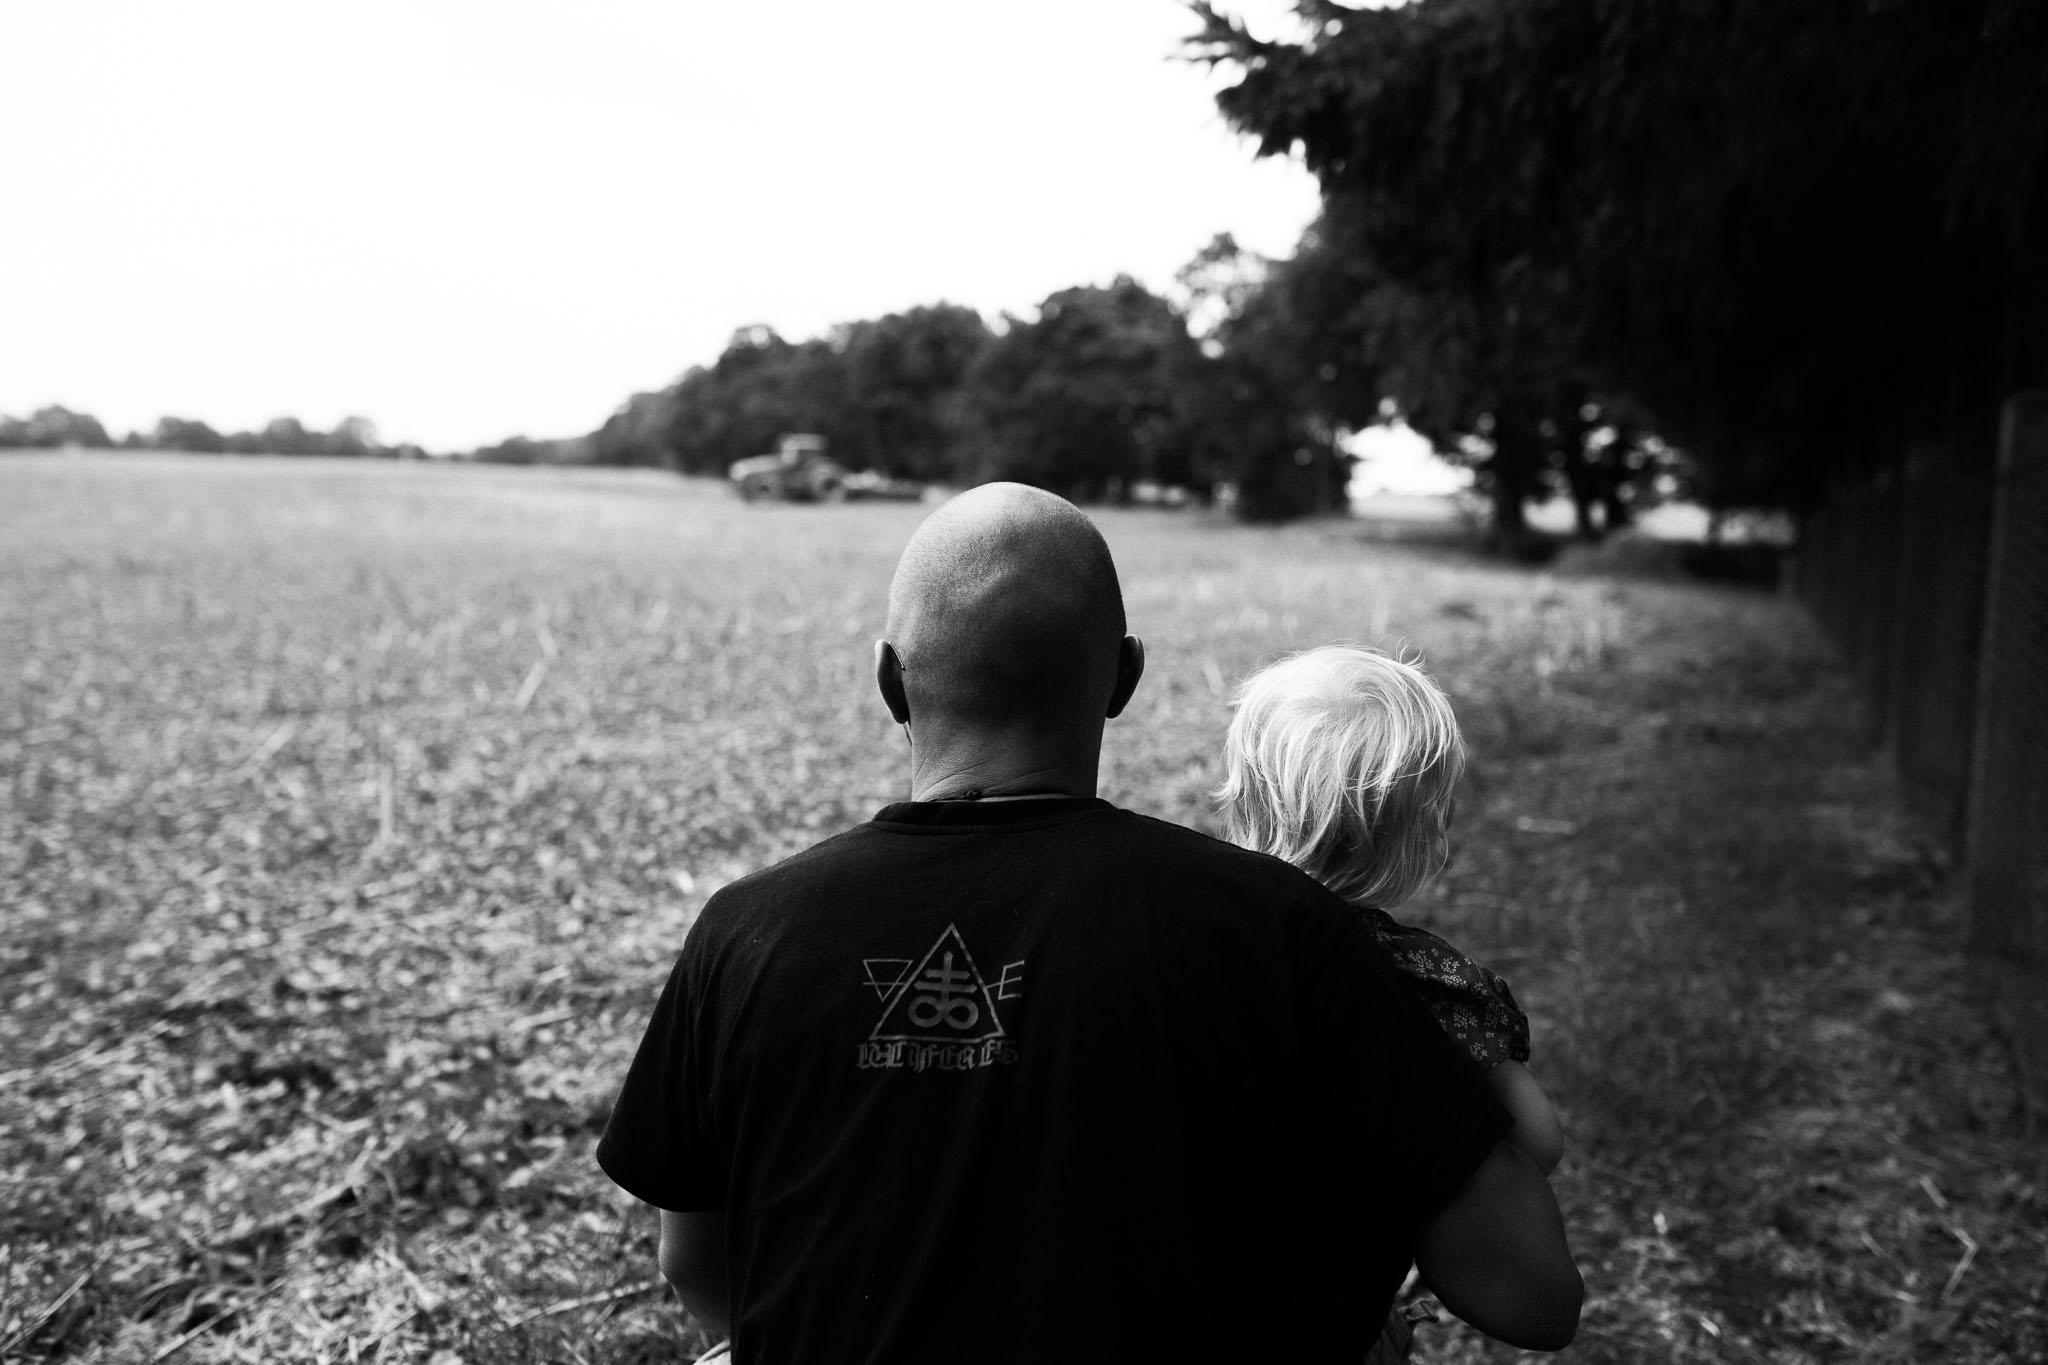 Vater und kleine Tochter schauen dem Trekker in der Ferne zu